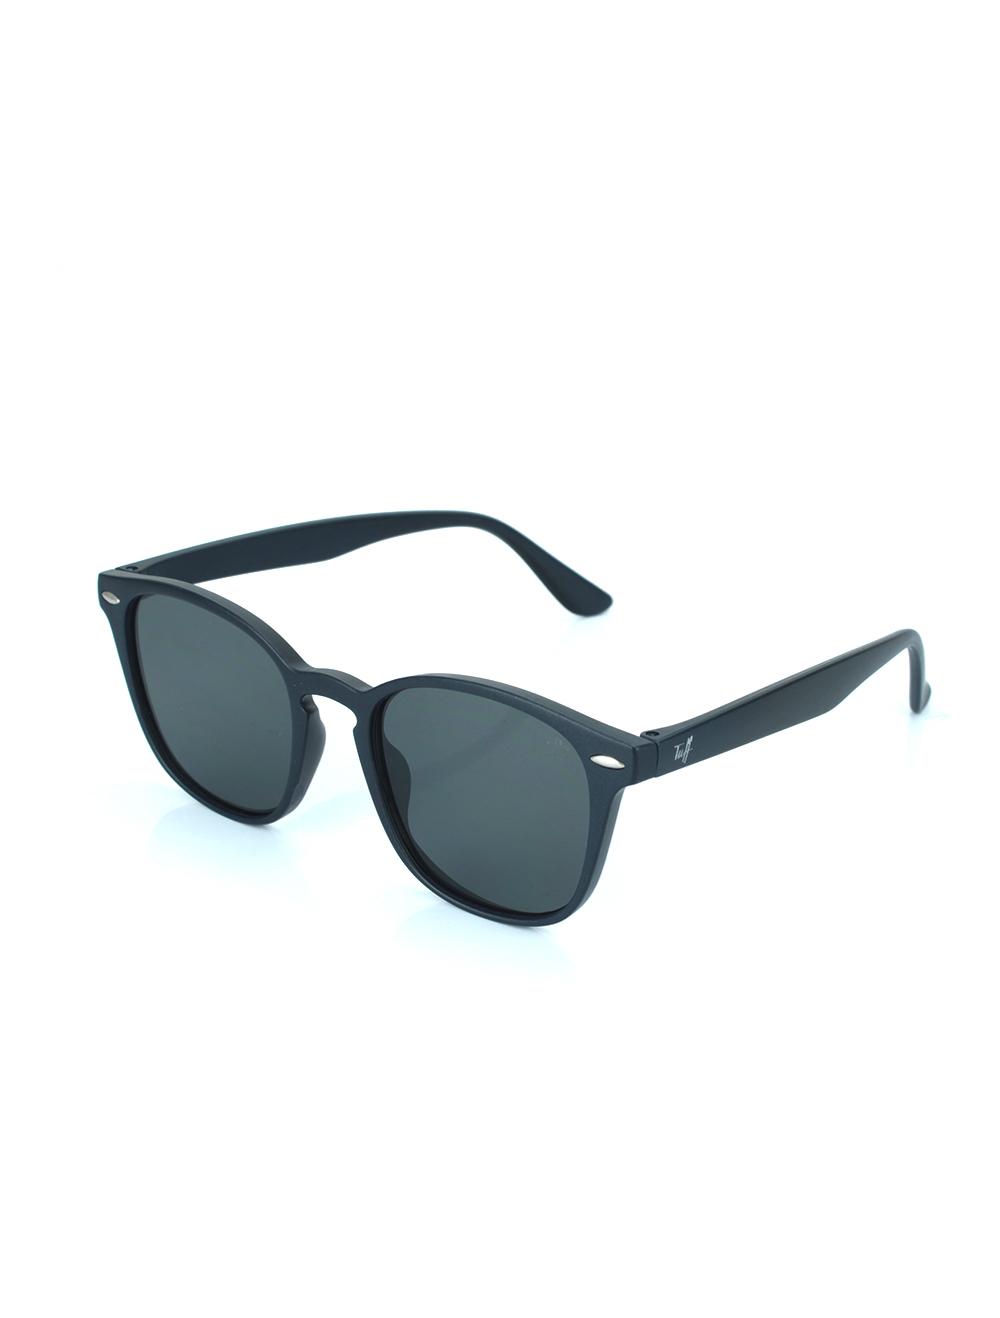 Sunglasses Quadrado Preto